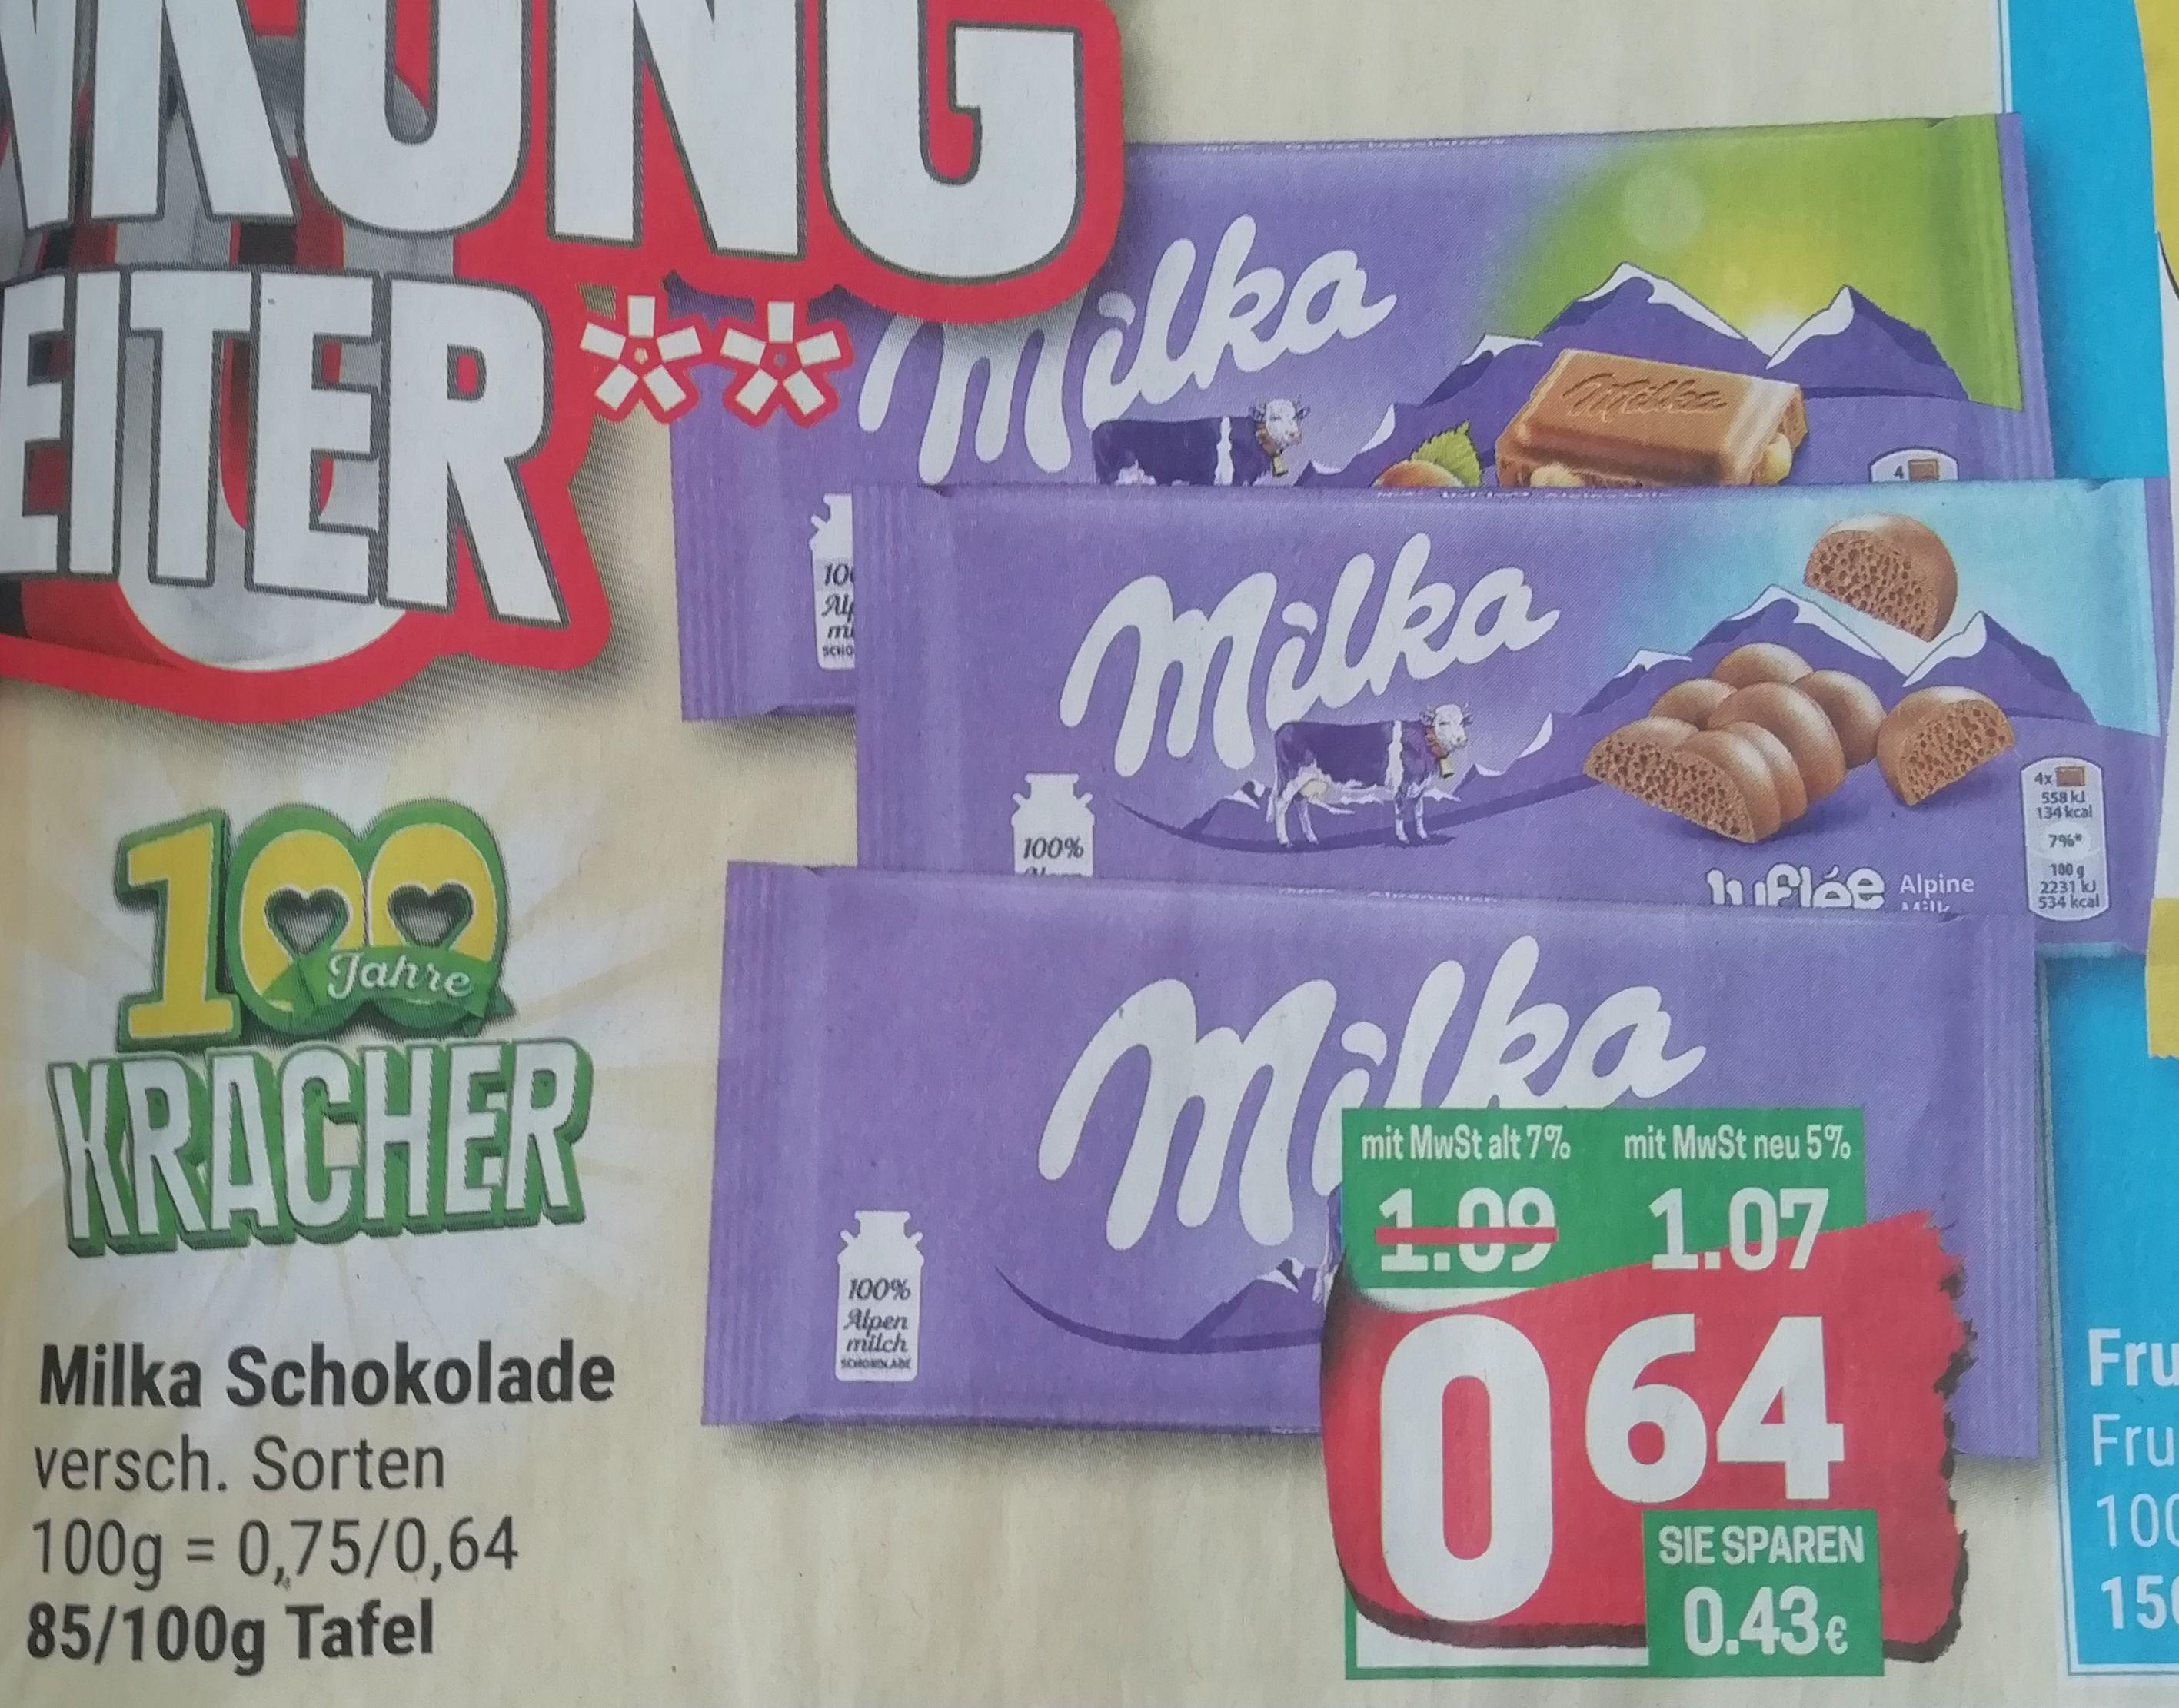 [Marktkauf Minden-Hannover] 8x Milka Schokolade versch. Sorten mit Coupon für 4,12€ [Stückpreis = 0,52€]